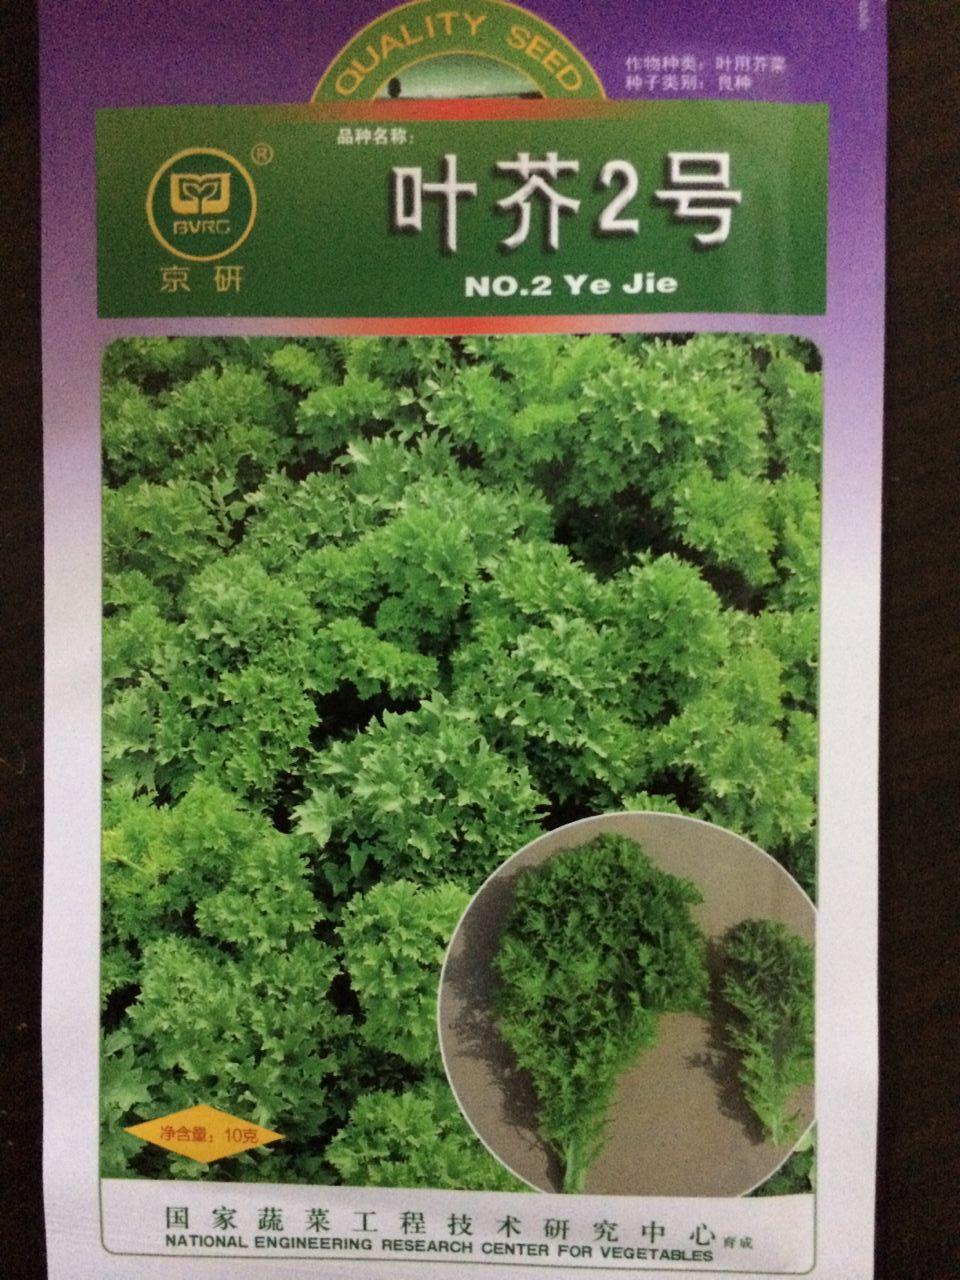 日本芥菜_粒100腌咸菜日本光头芥菜种子大头菜种子盆